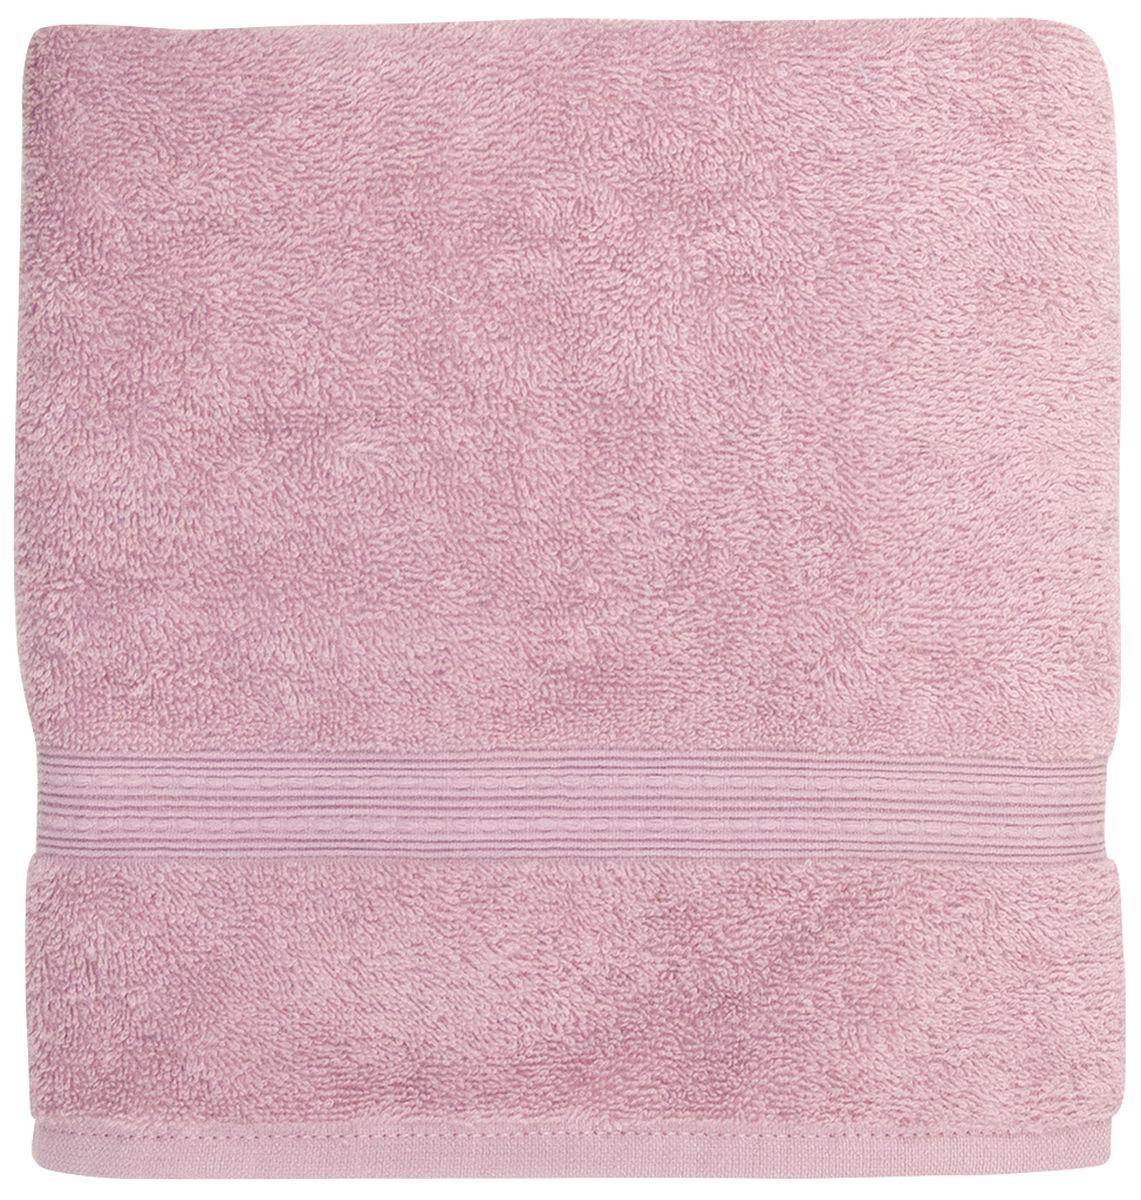 Полотенце банное Bonita Classic, цвет: лаванда, 70 х 140 см1011217223Банное полотенце Bonita Classic выполнено из 100% хлопка. Изделие отлично впитывает влагу, быстро сохнет, сохраняет яркость цвета и не теряет форму даже после многократных стирок. Такое полотенце очень практично и неприхотливо в уходе. Оно создаст прекрасное настроение и украсит интерьер в ванной комнате.